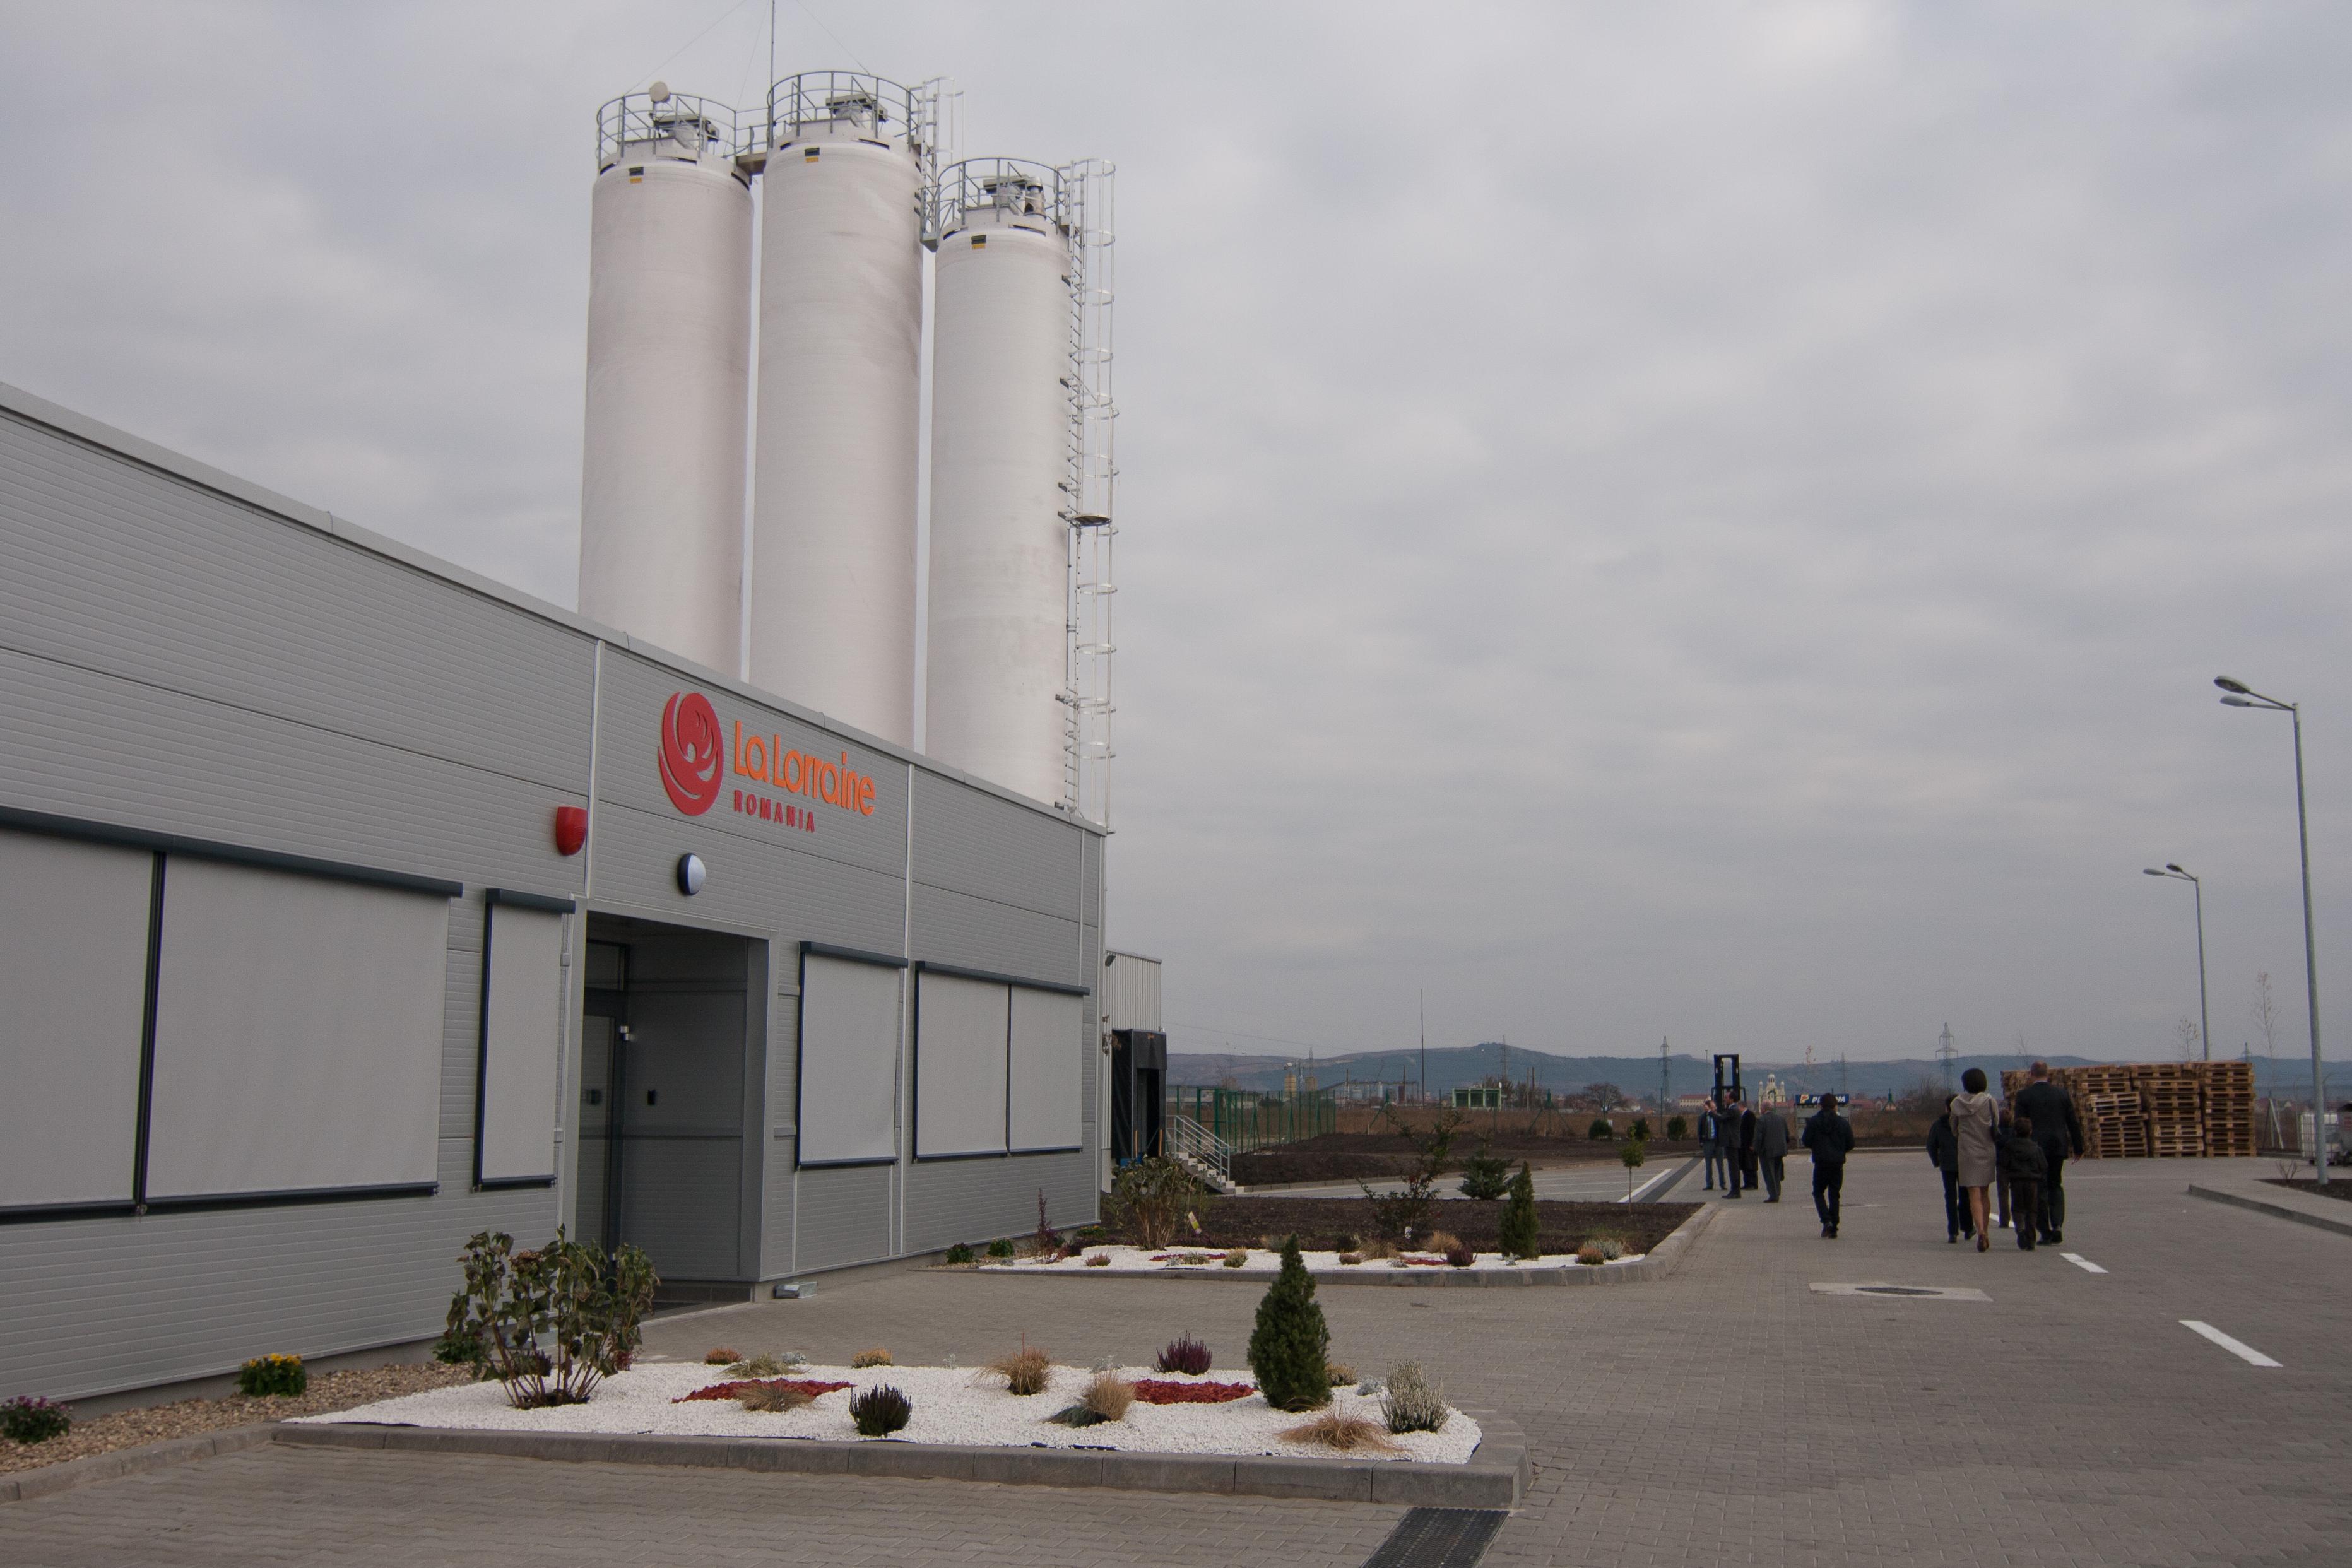 La Lorraine România a inaugurat o nouă fabrică la Câmpia Turzii